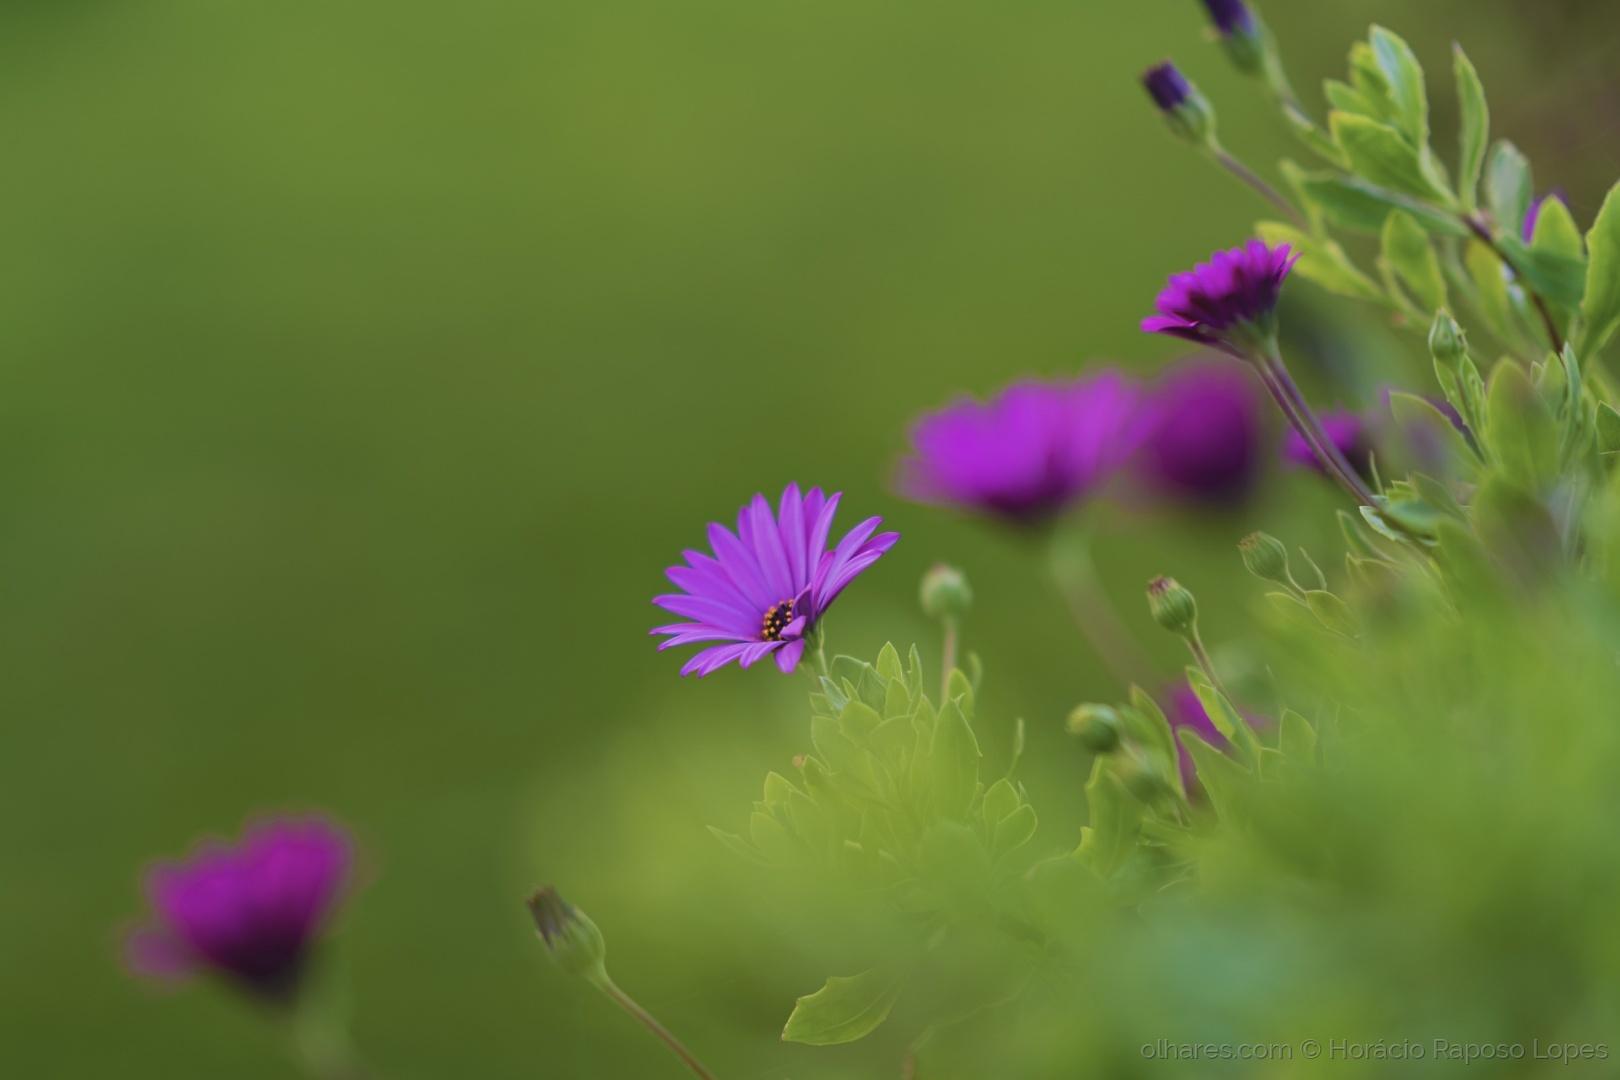 Macro/the purple in the green